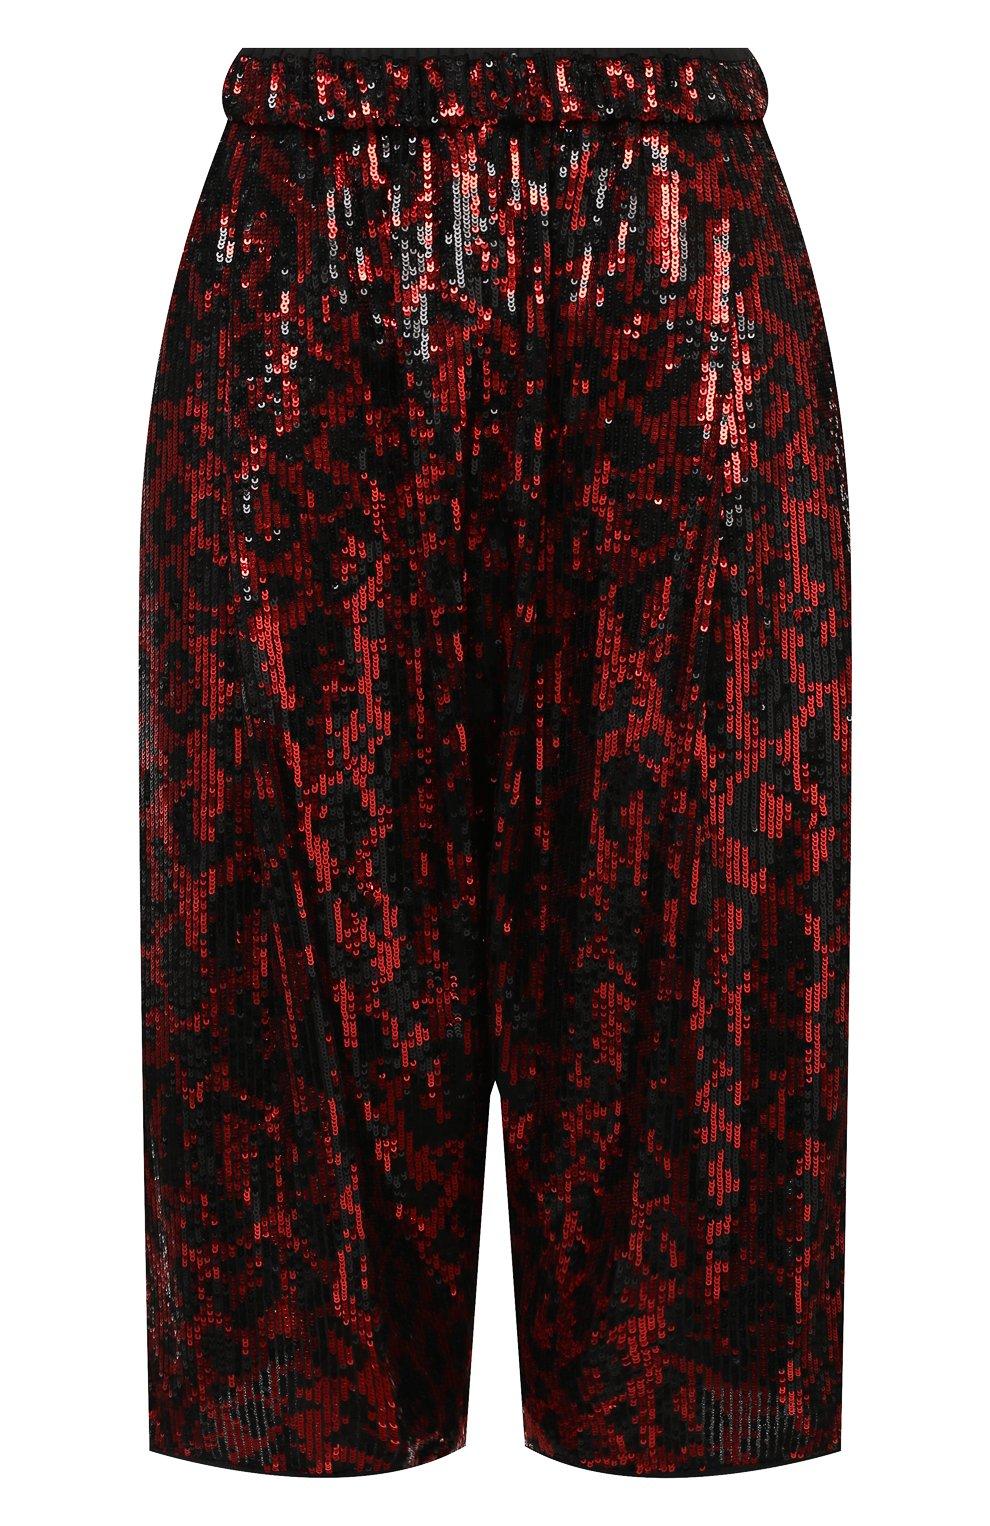 Женские шорты с пайетками N21 красного цвета, арт. 20I N2M0/D011/5A45 | Фото 1 (Женское Кросс-КТ: Шорты-одежда; Стили: Гламурный; Материал внешний: Синтетический материал; Кросс-КТ: Широкие; Длина Ж (юбки, платья, шорты): До колена)